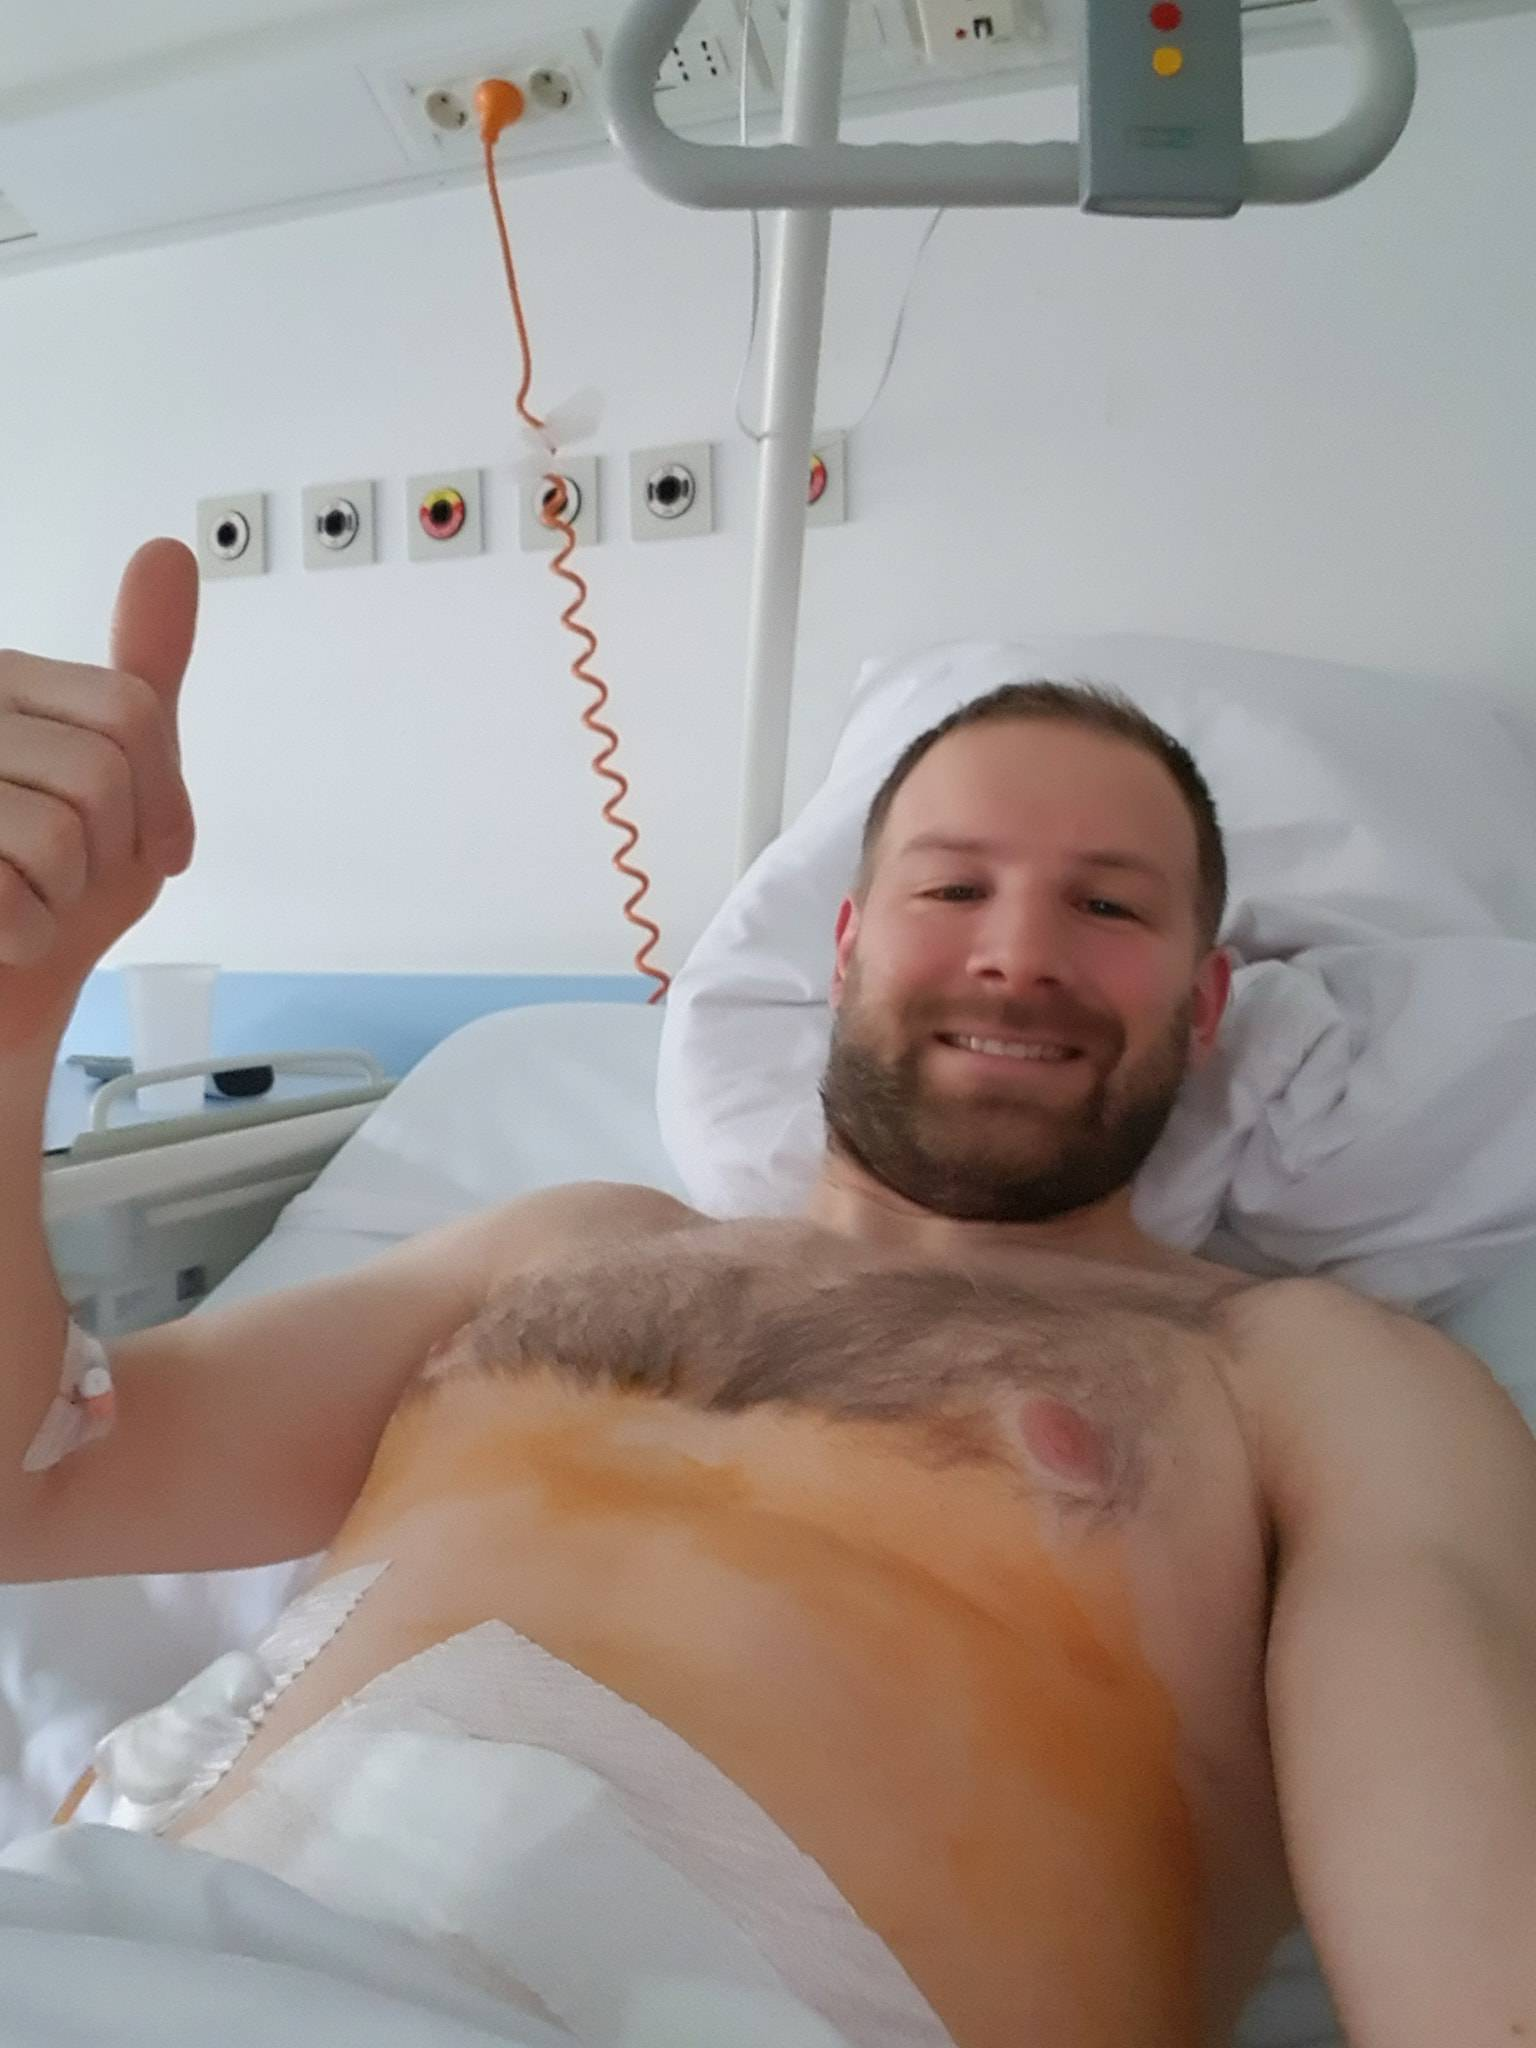 Zbog njega smo slavili 2011.; Zrnčić operirao slijepo crijevo